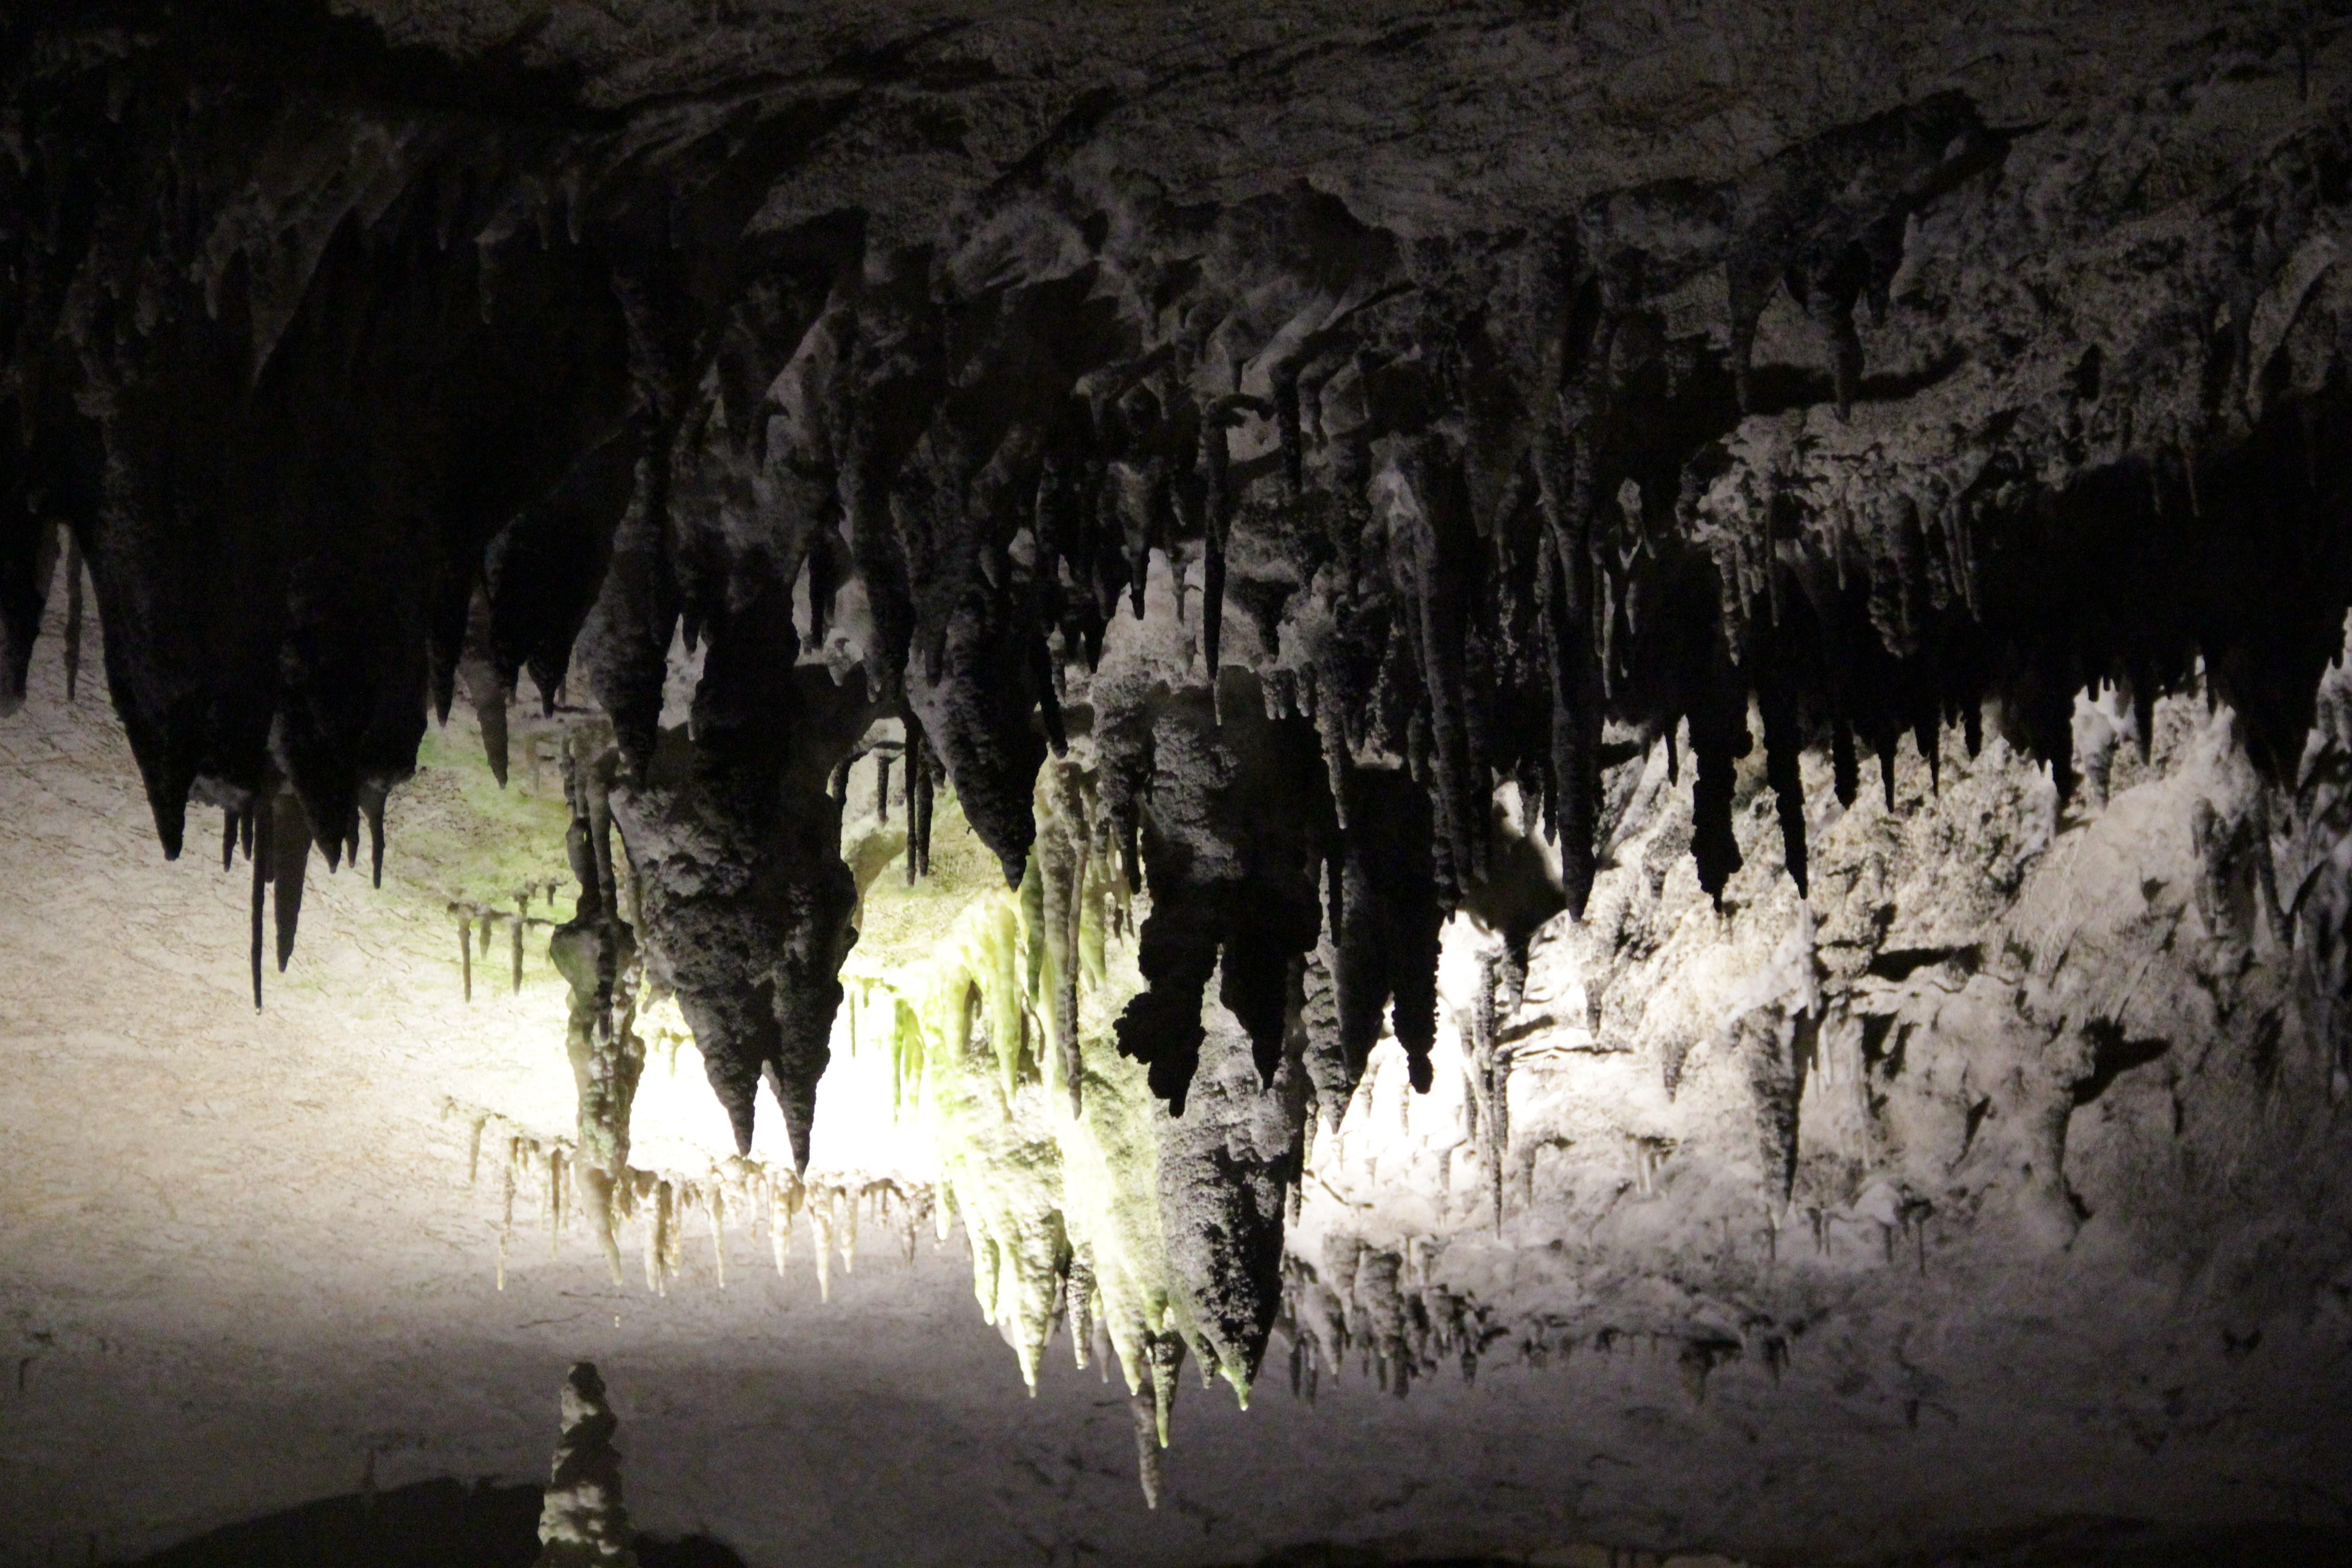 L'impressionnante grotte de Konglor, longue de 7 km, se visite en bateau. La roche est truffée de stalactites  (© Jérôme Decoster).